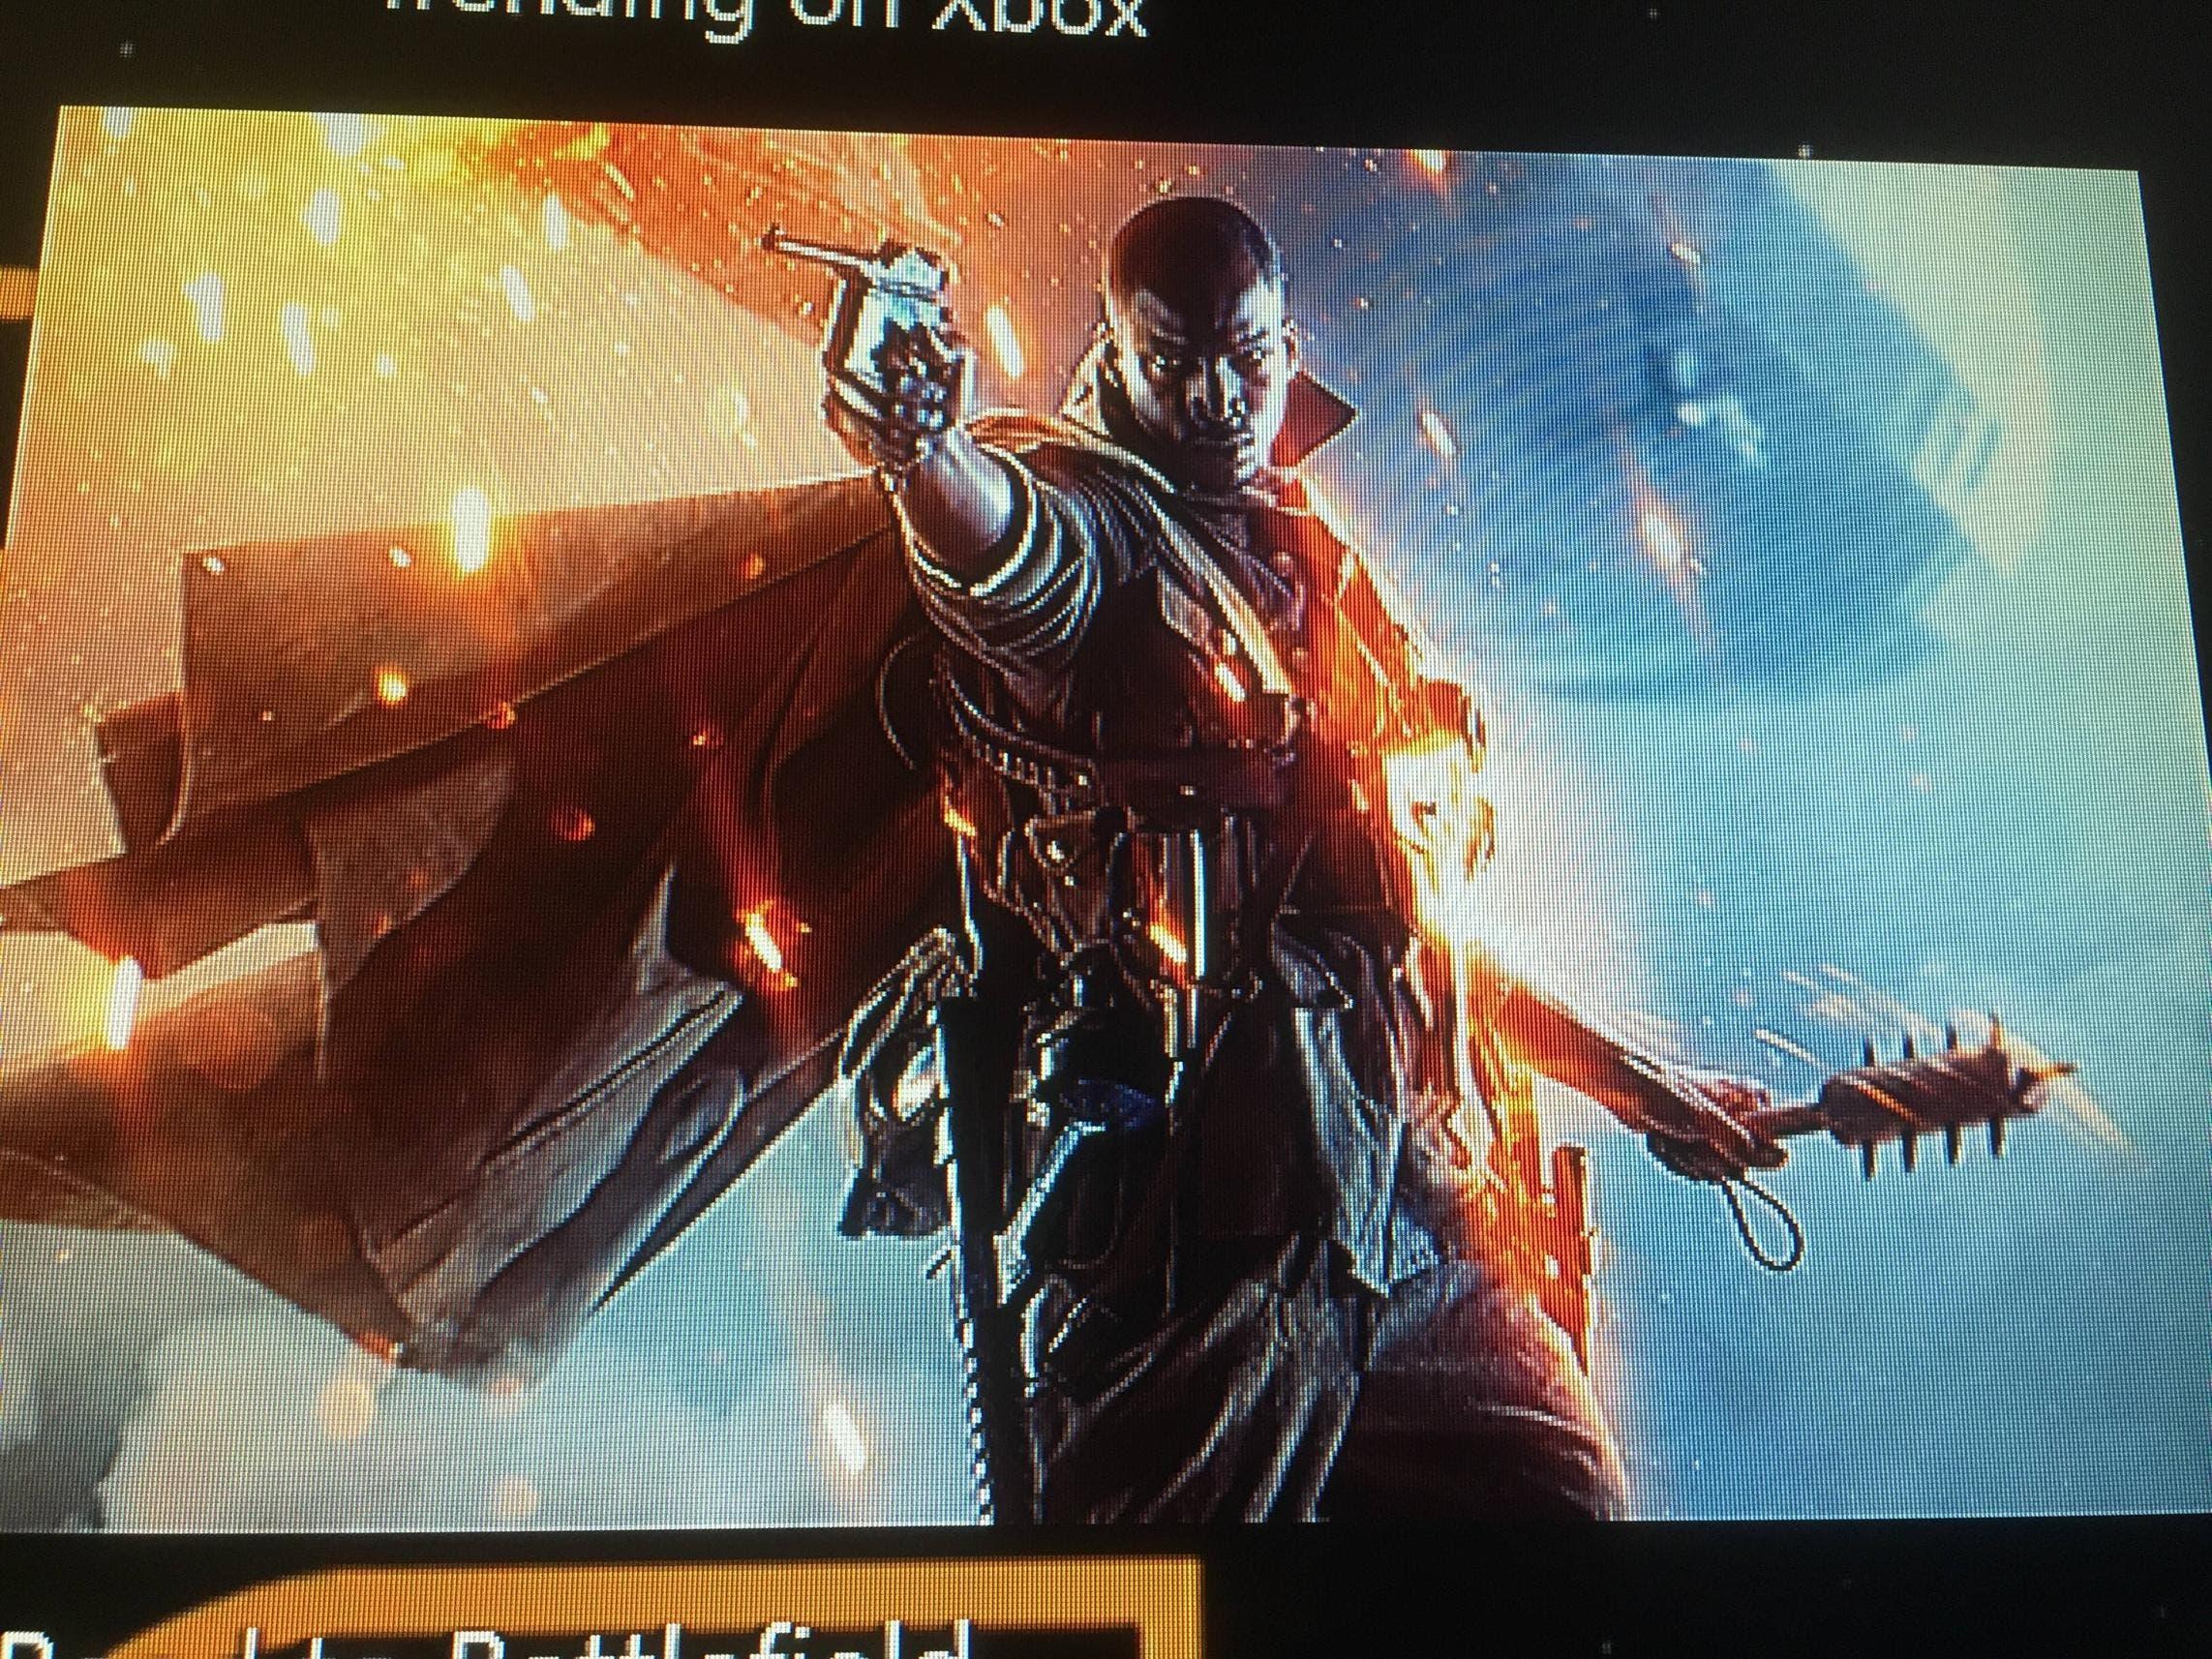 imagen del nuevo Battlefield